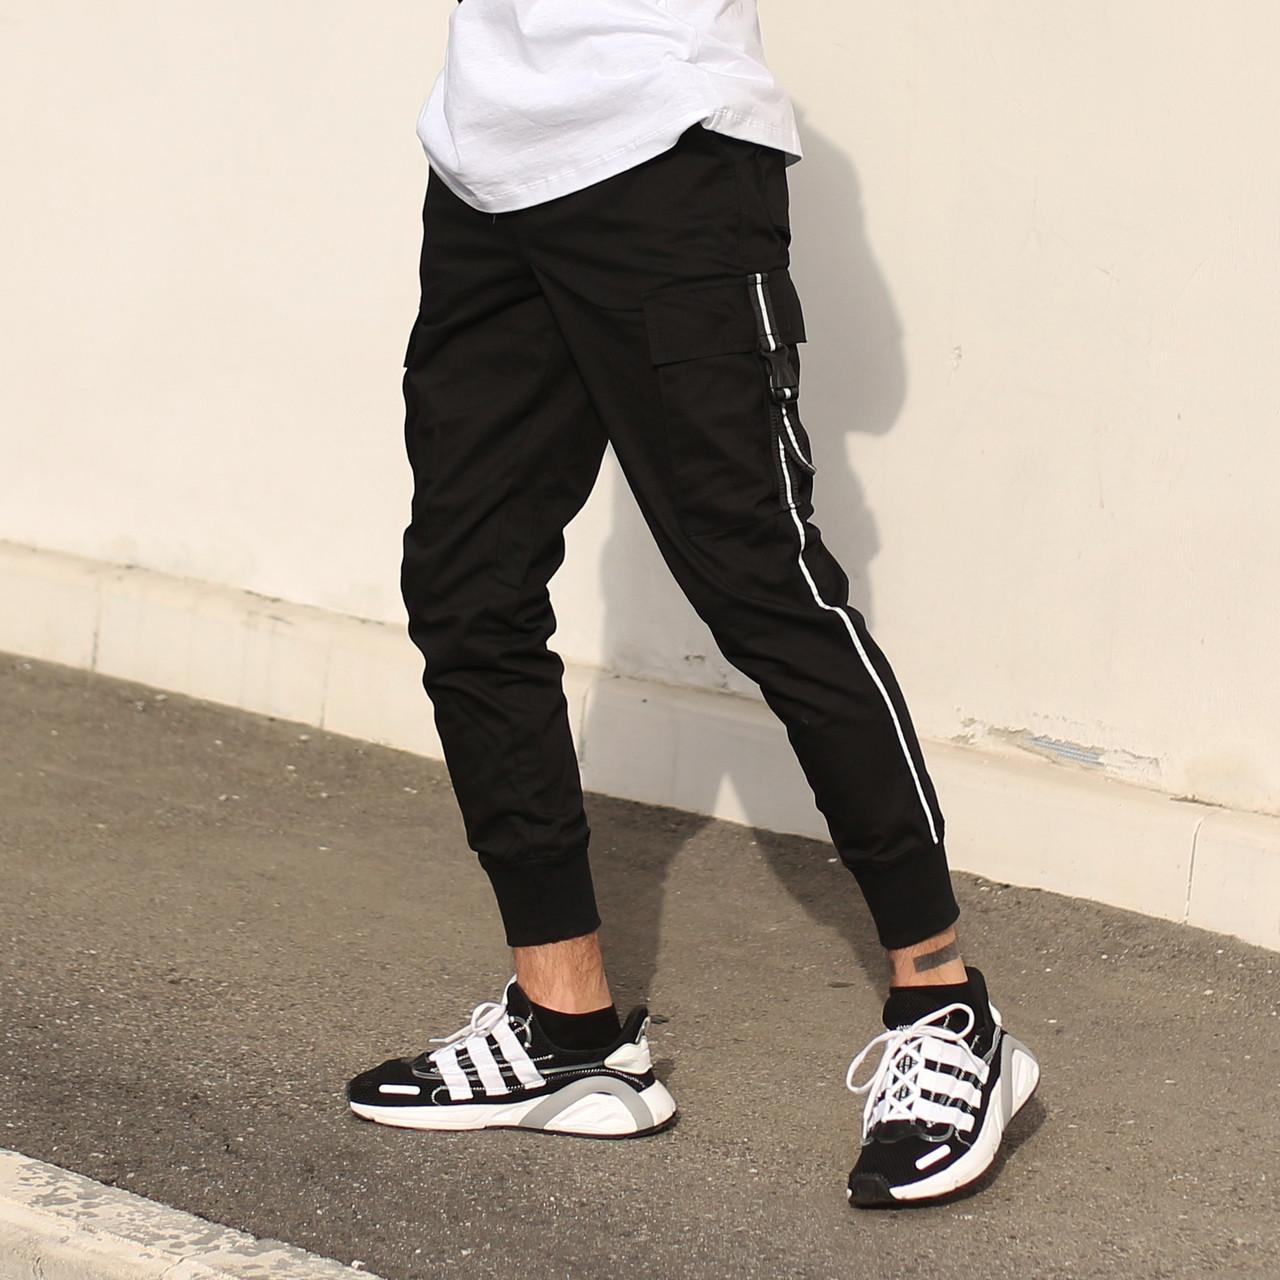 Штаны карго мужские черные бренд ТУР модель Фуджин TУRWEAR